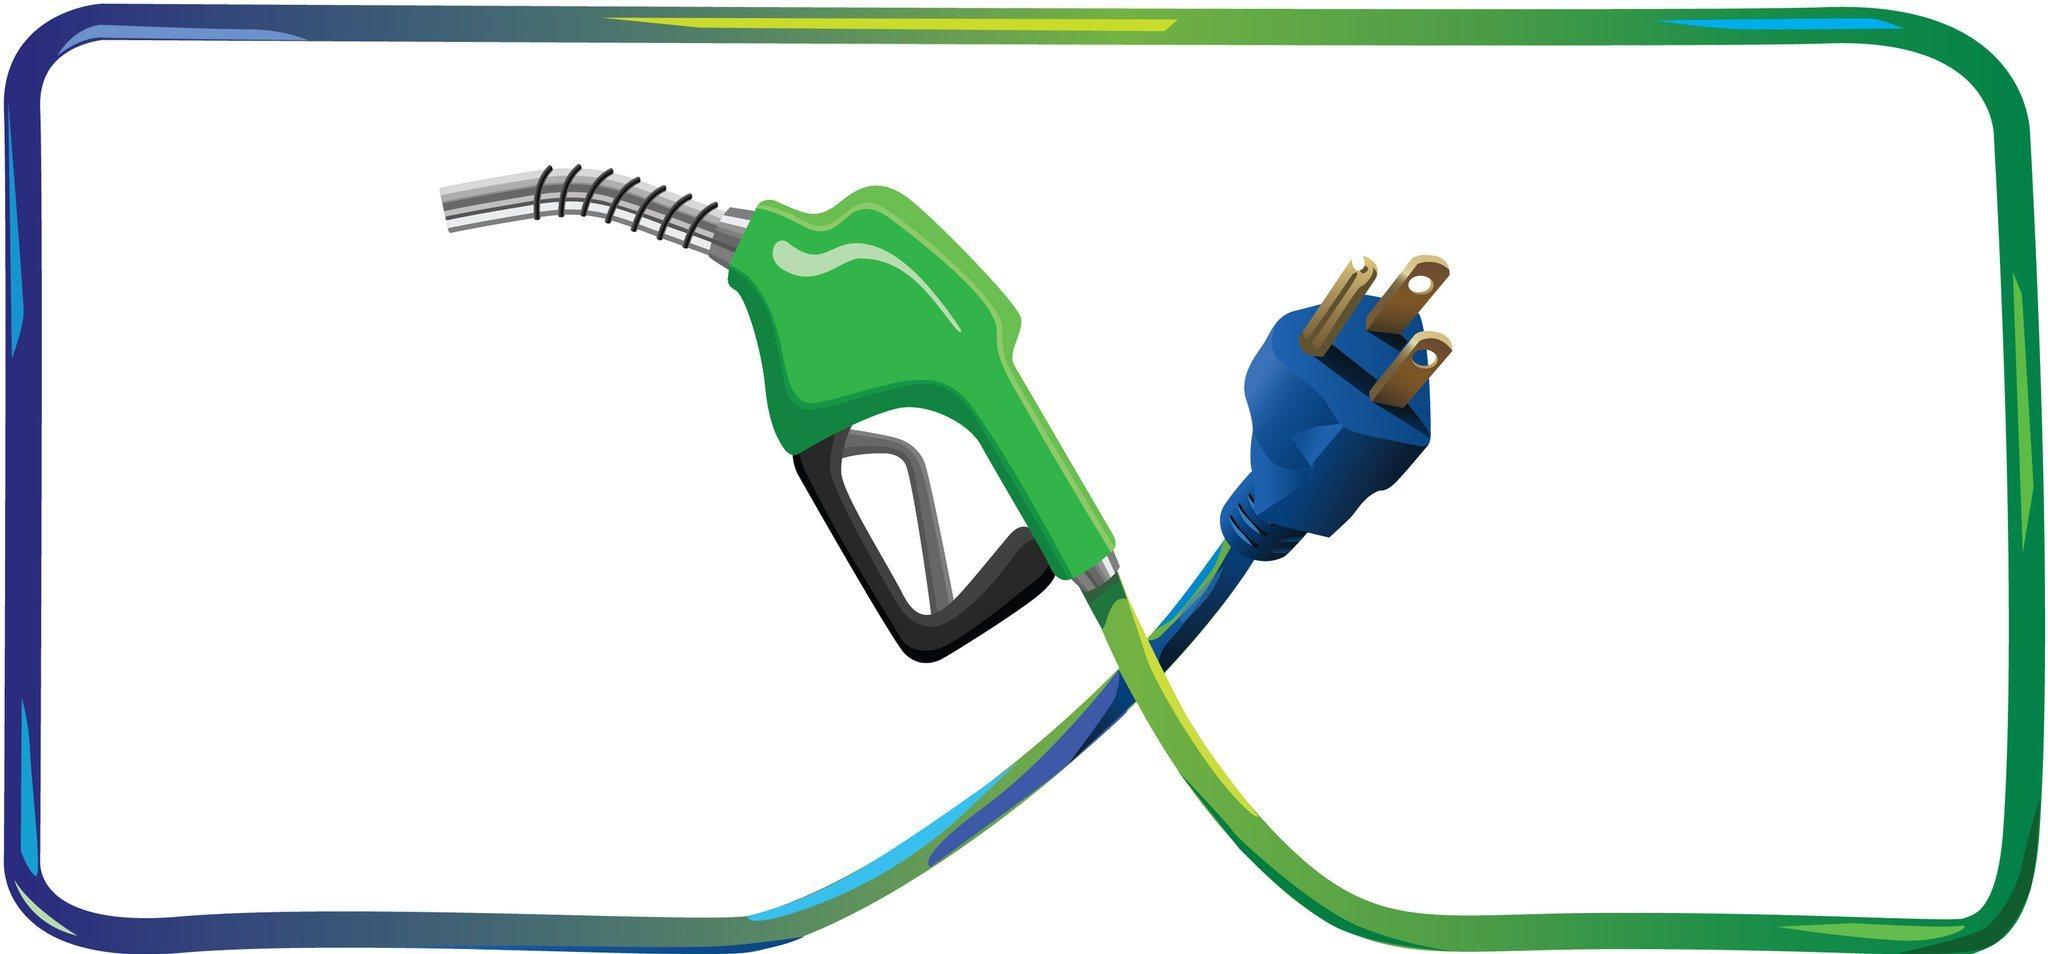 Como aumentou o número de vendas de carros elétricos?